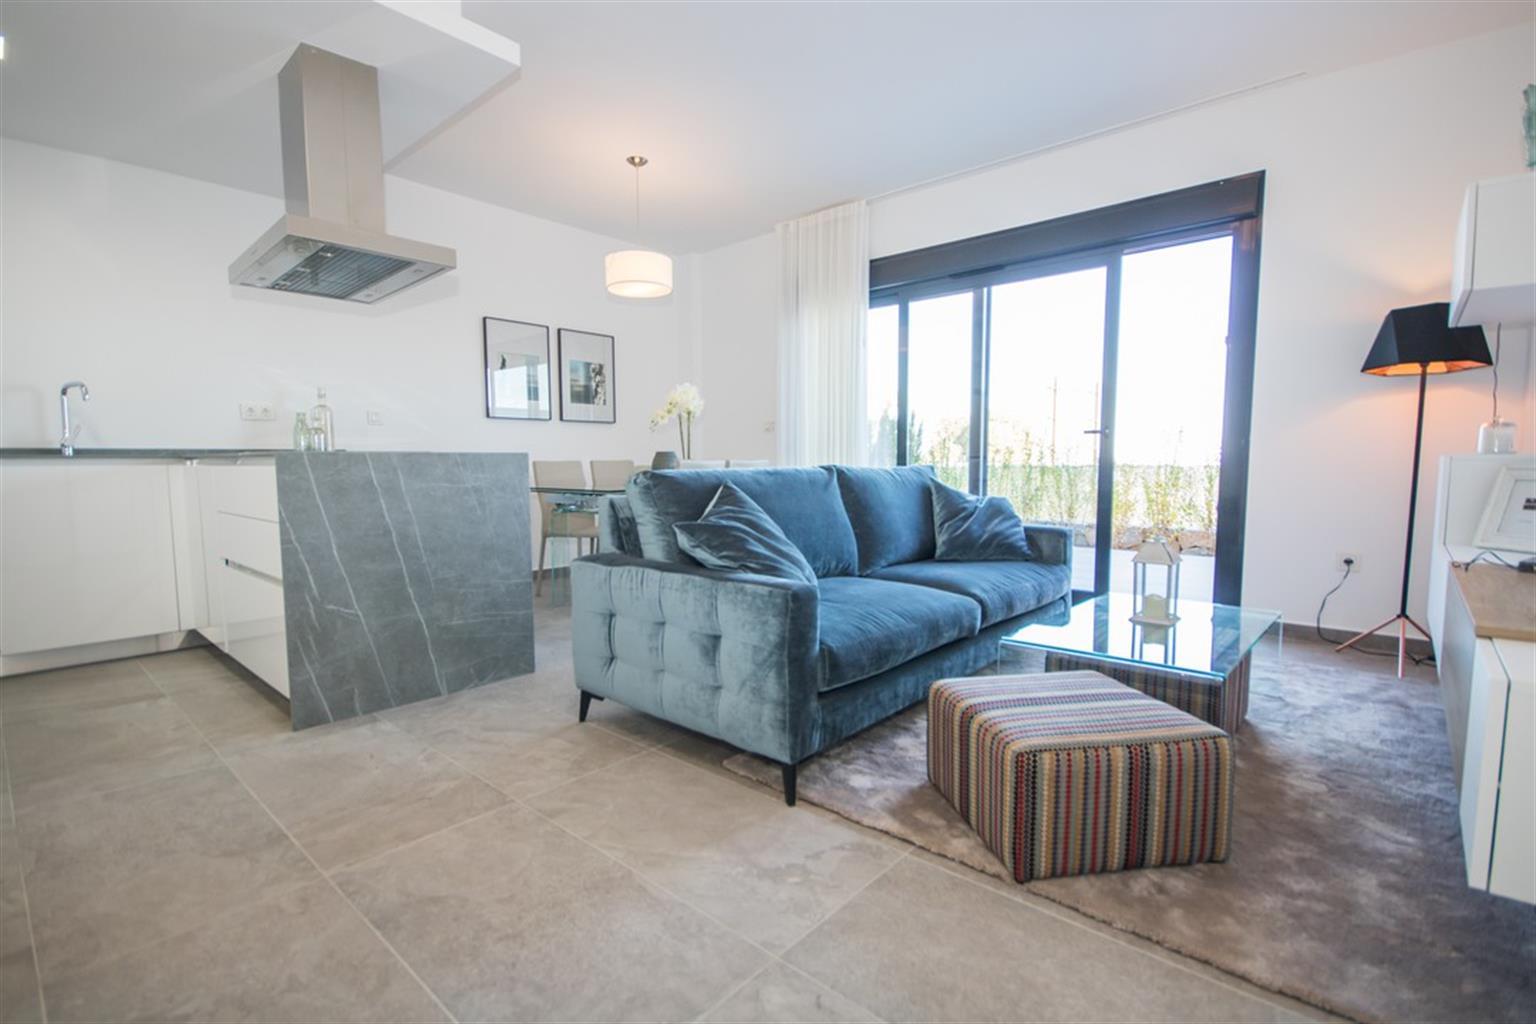 Appartement - Los Balcones  - #4231453-3